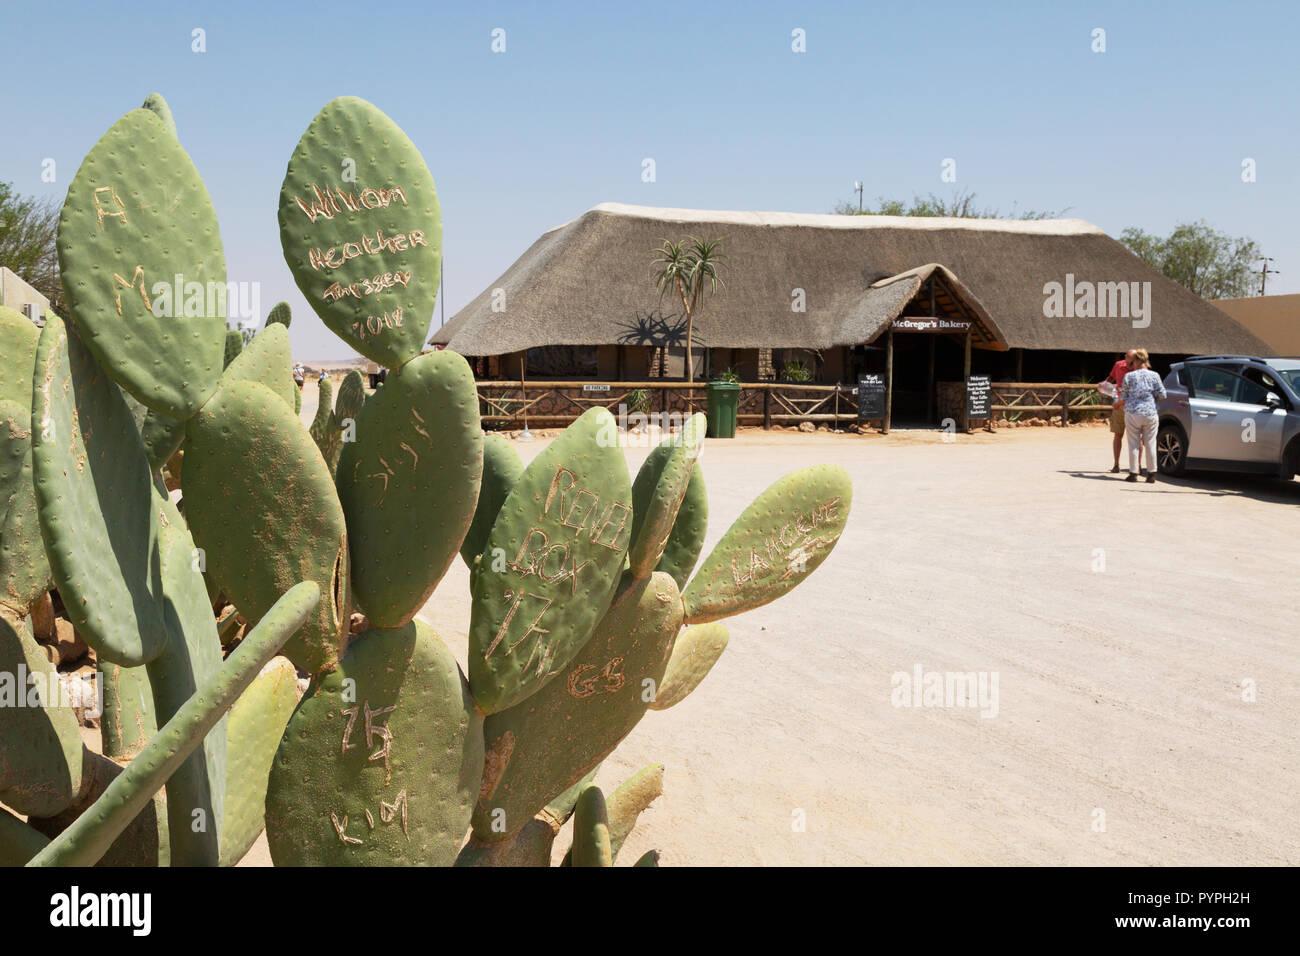 Namibie - Voyage cactus graffiti sur l'extérieur de Mcgregor's Bakery, Solitaire, la Namibie Afrique du Sud Photo Stock